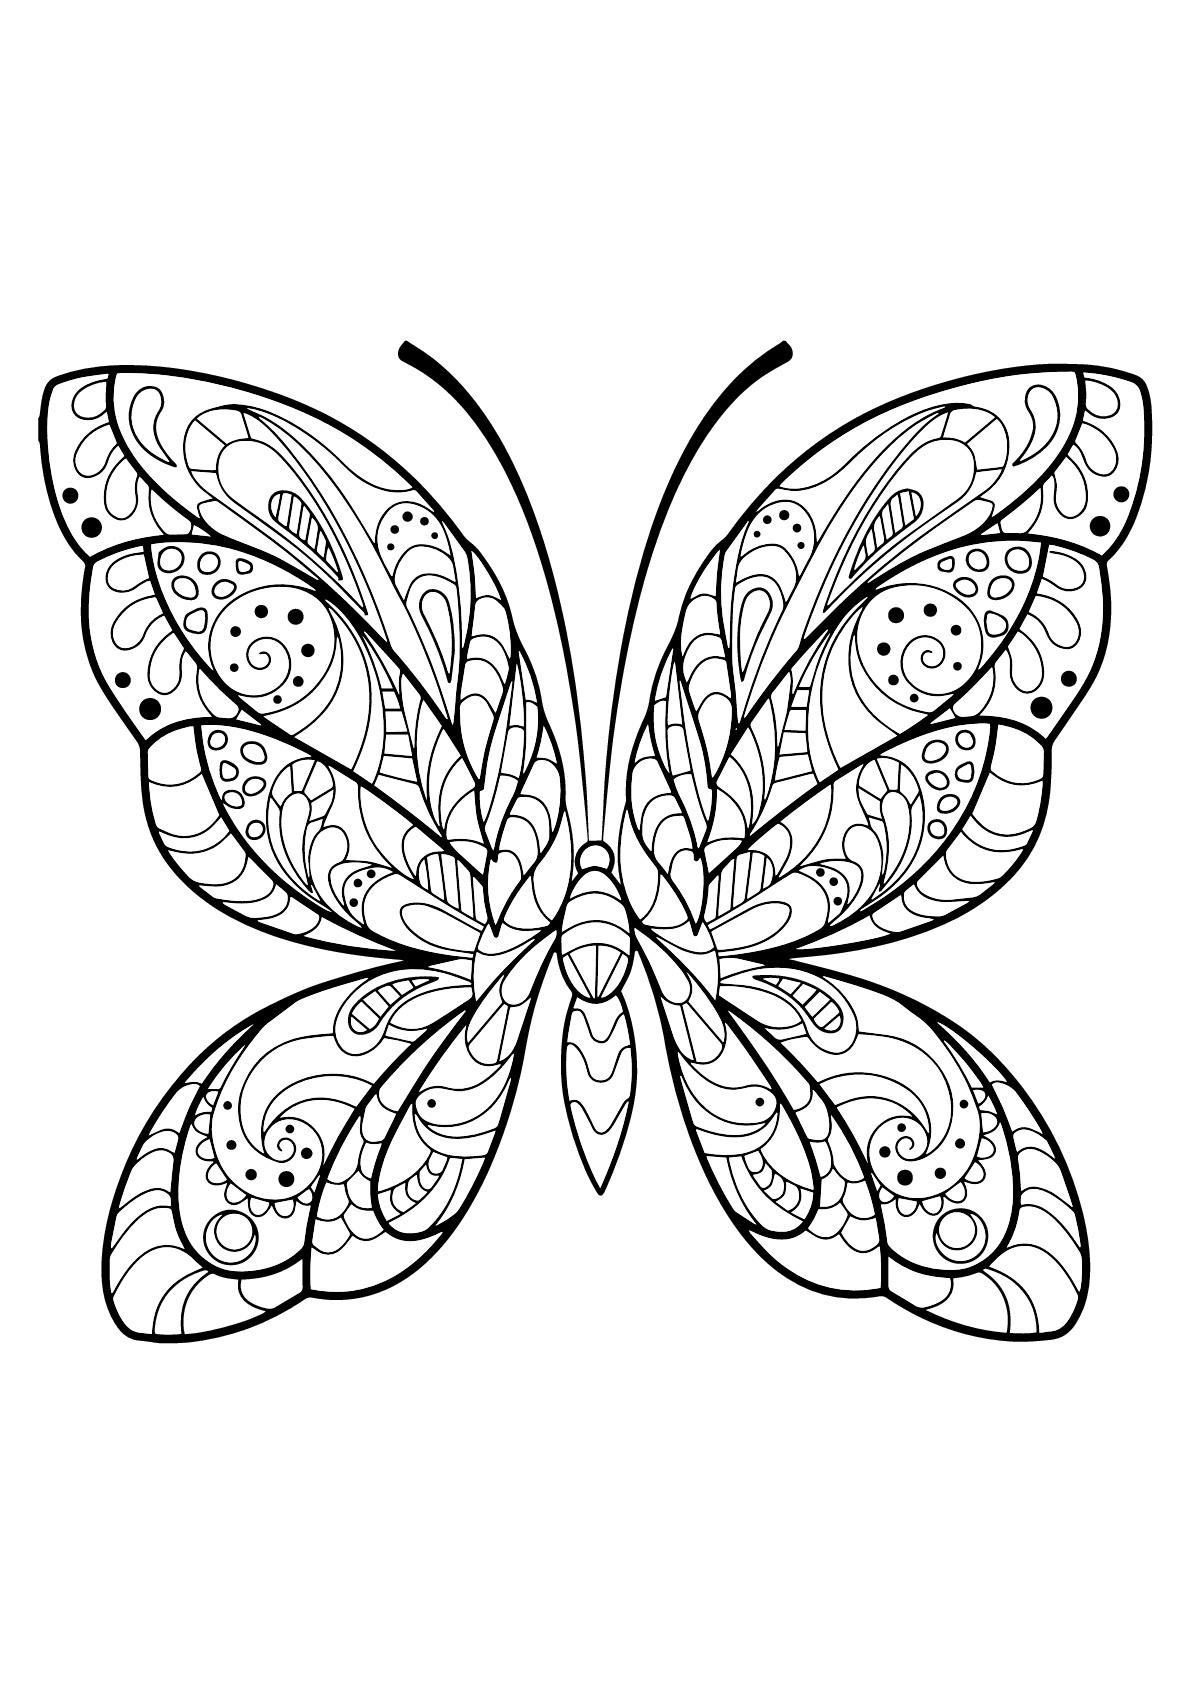 Insectos 67510 - Mariposas e insectos - Colorear para Adultos